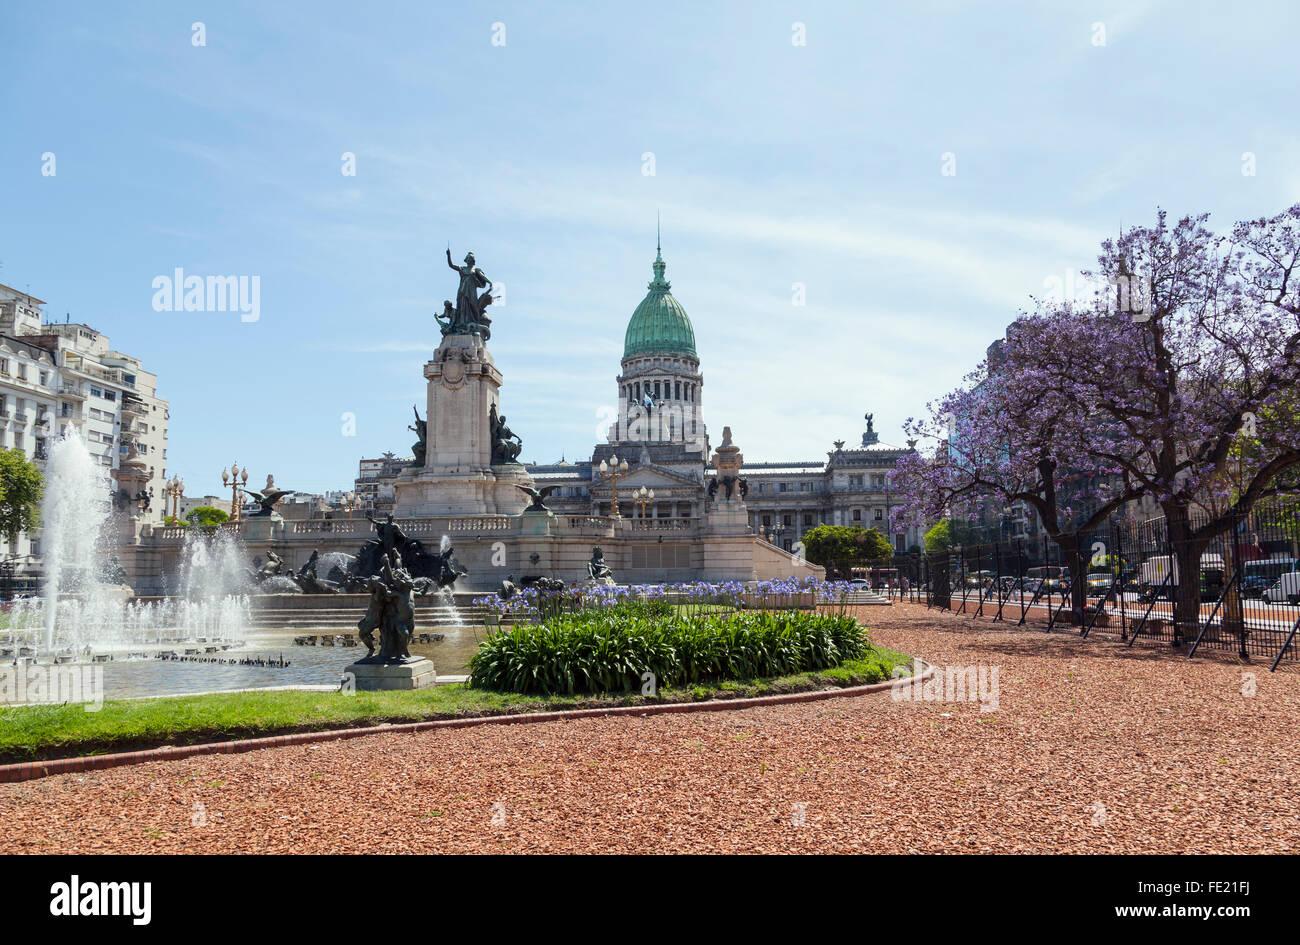 Congreso nacional de Argentina, la Plaza del Congreso, Buenos Aires. Imagen De Stock